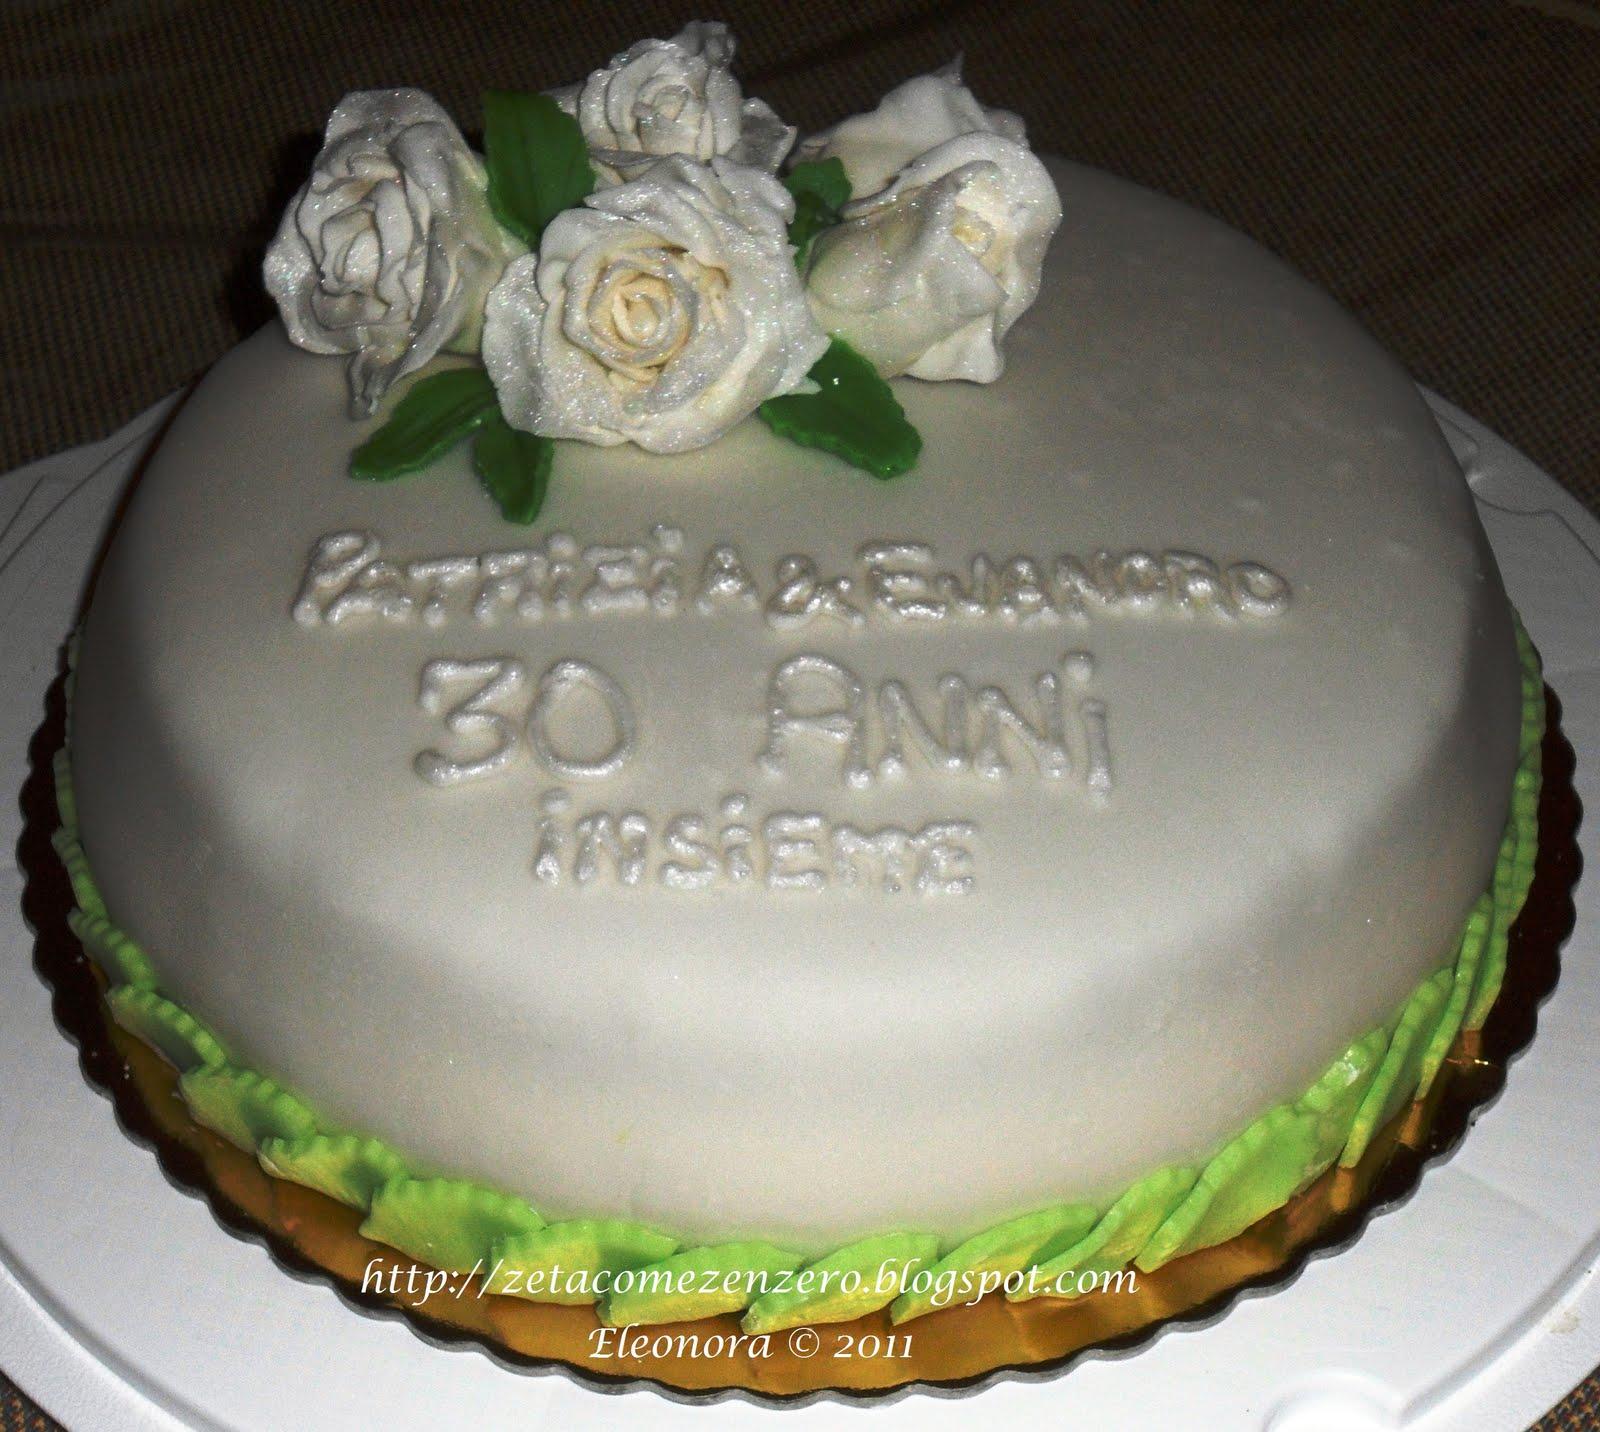 Anniversario 30 Anni Di Matrimonio.Zeta Come Zenzero Torta D Anniversario 30 Anni Insieme